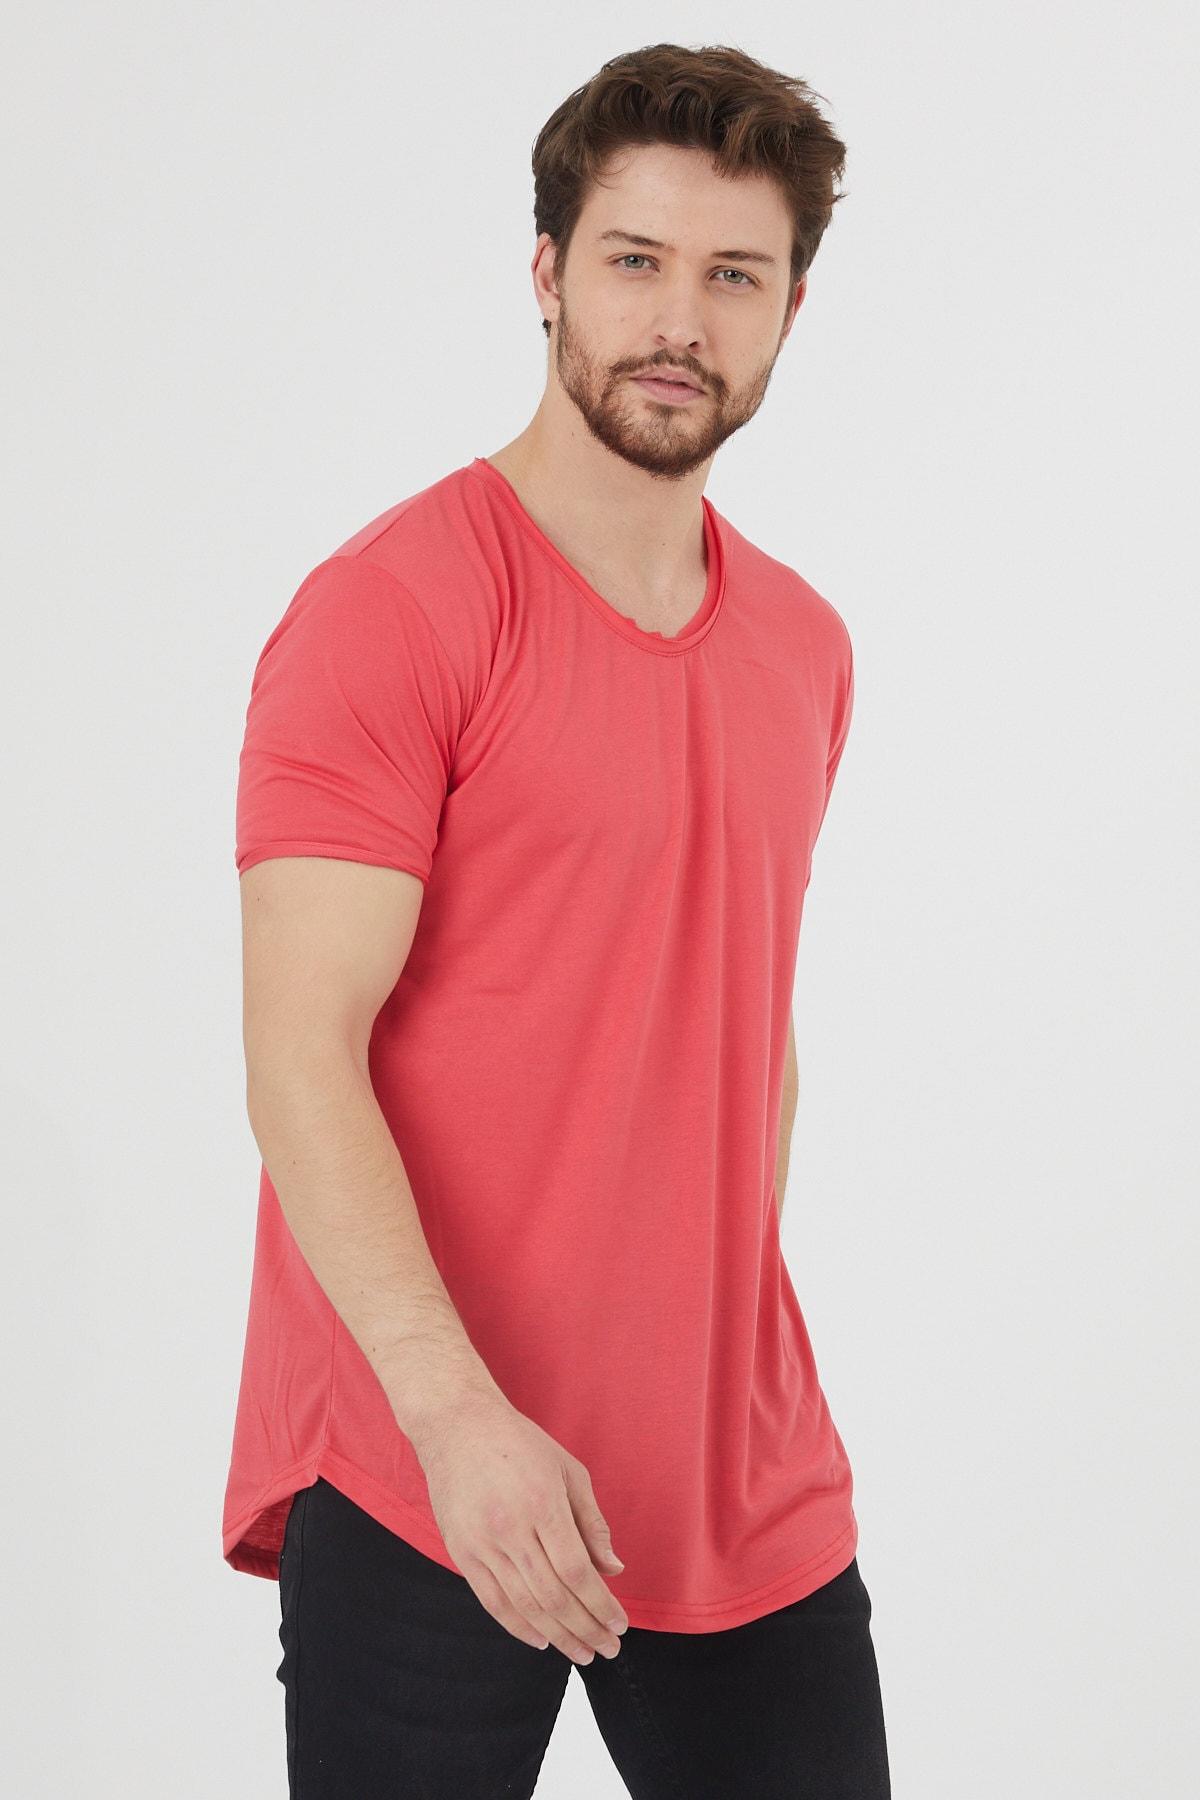 Erkek Koyu Nar Kısa Kol Salaş T-shirt